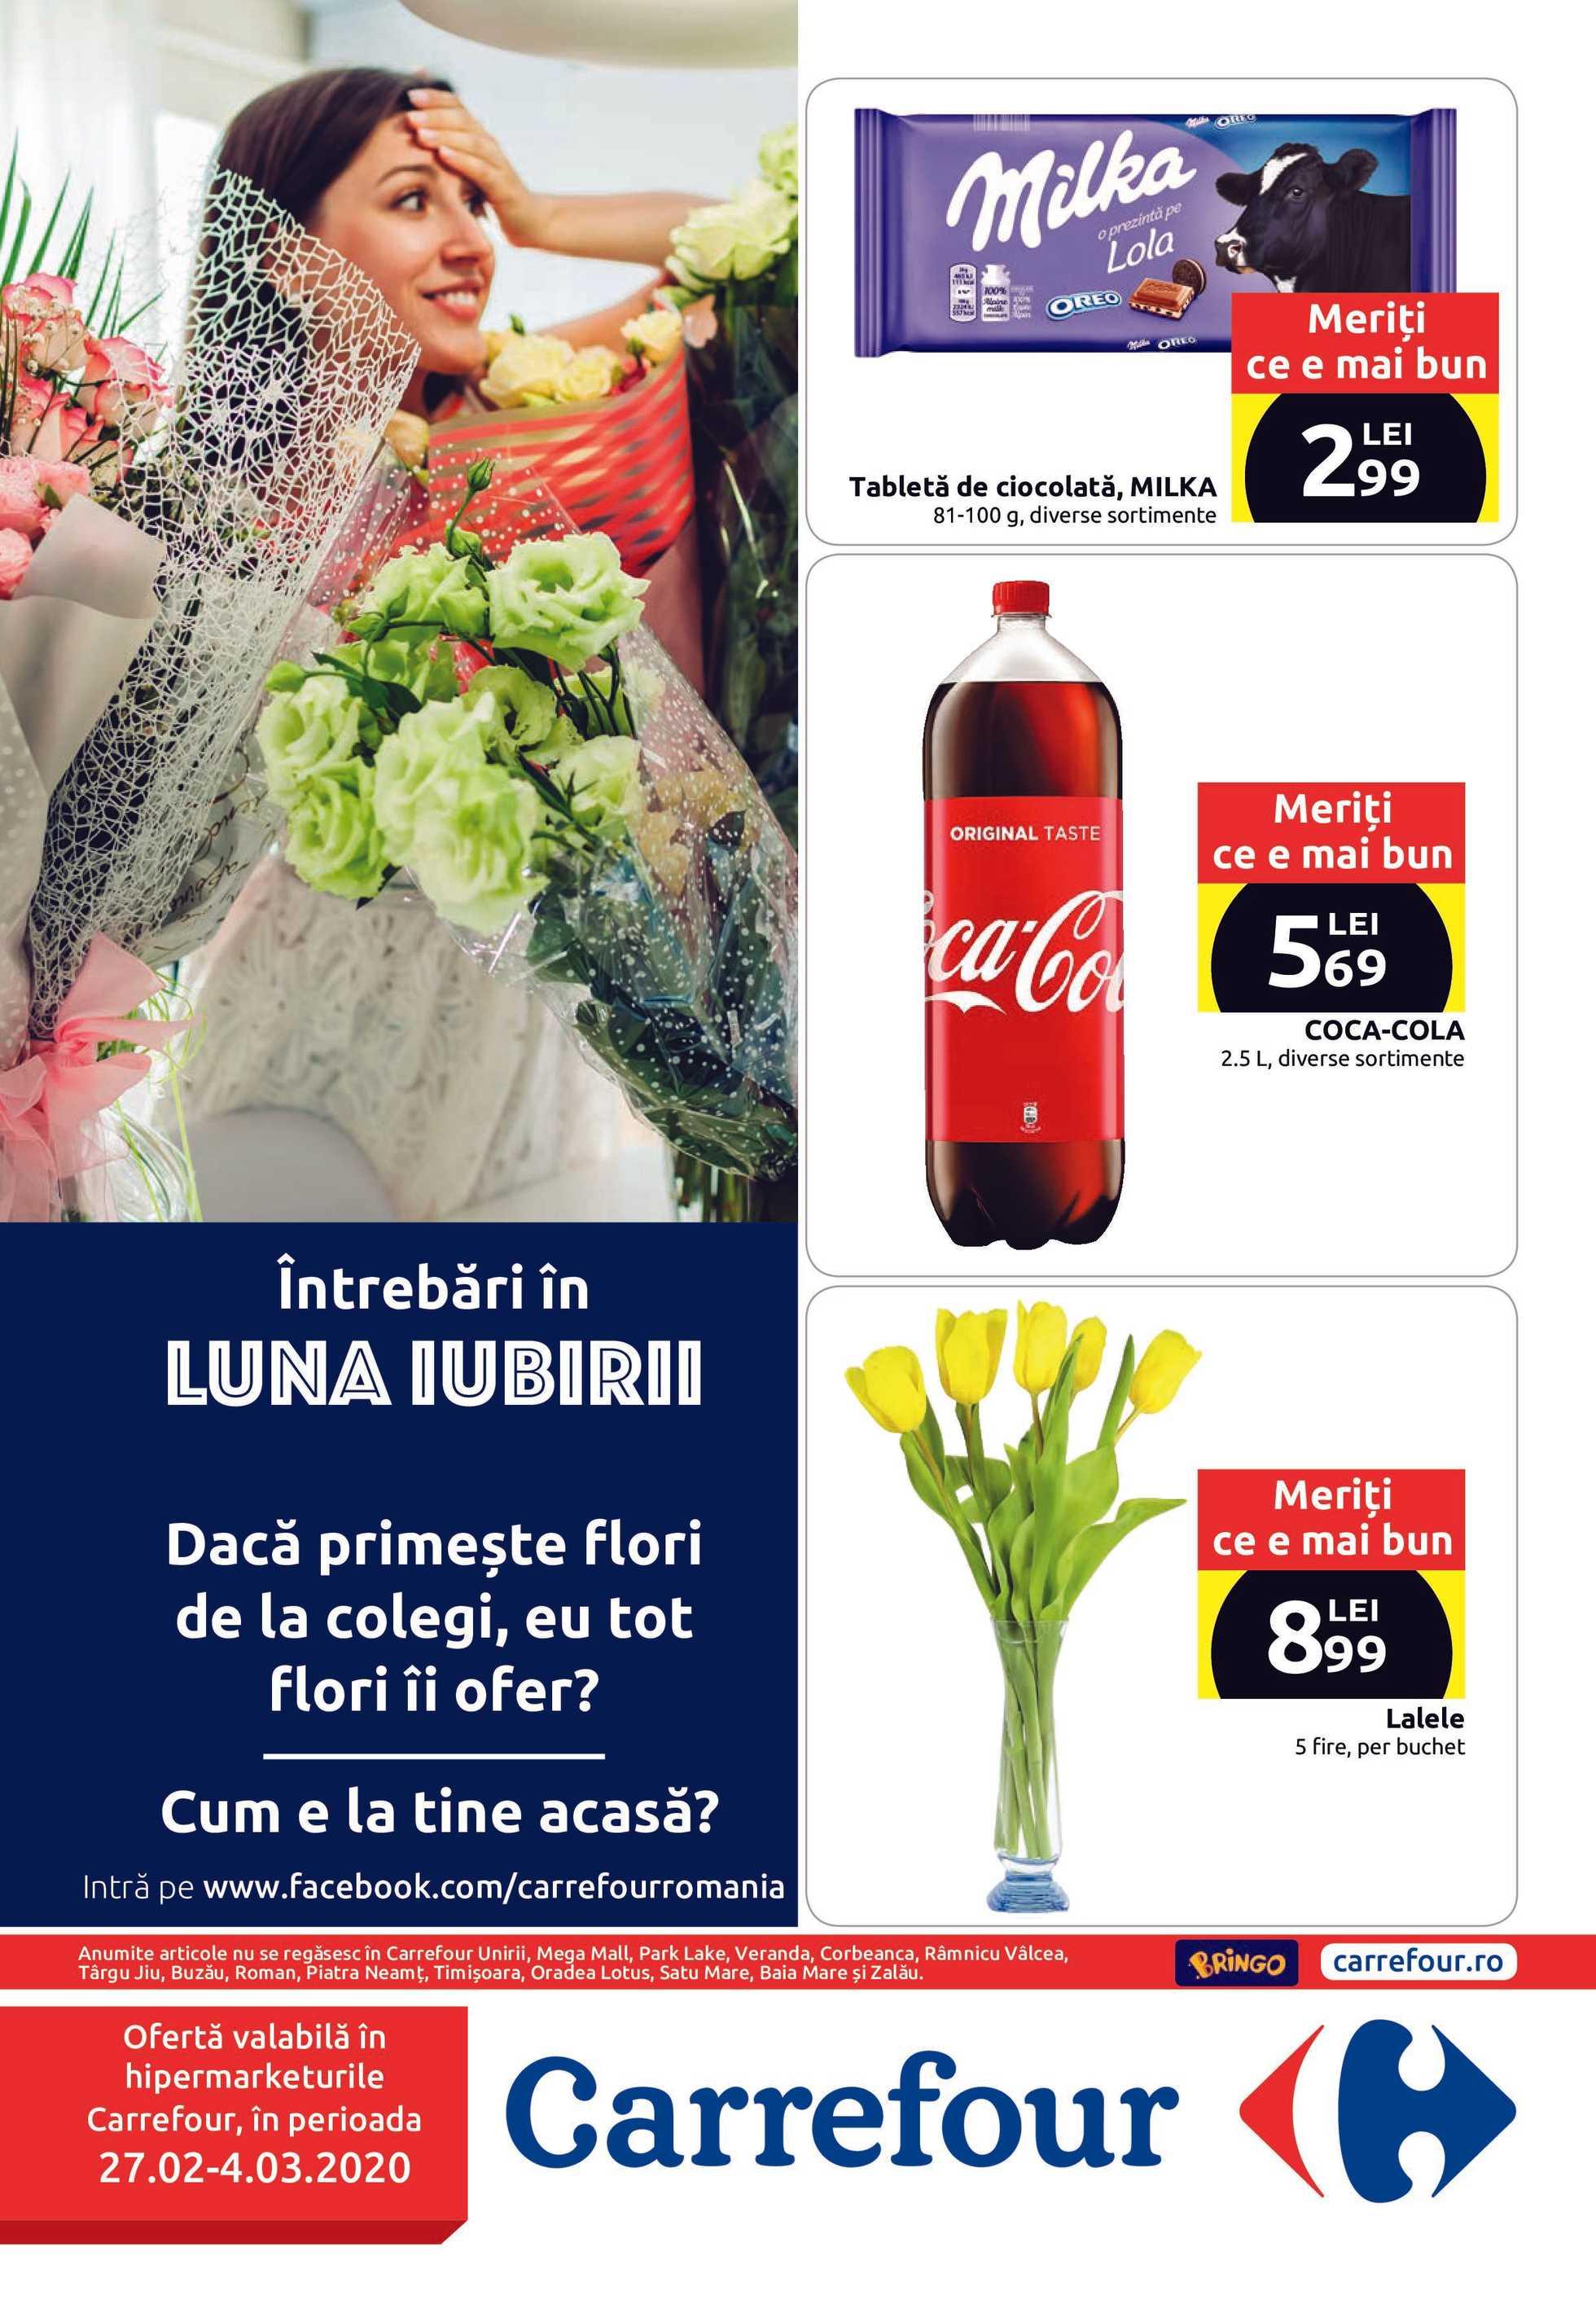 Carrefour - promo începând de la 27.02.2020 până la 04.03.2020 - pagină 1.